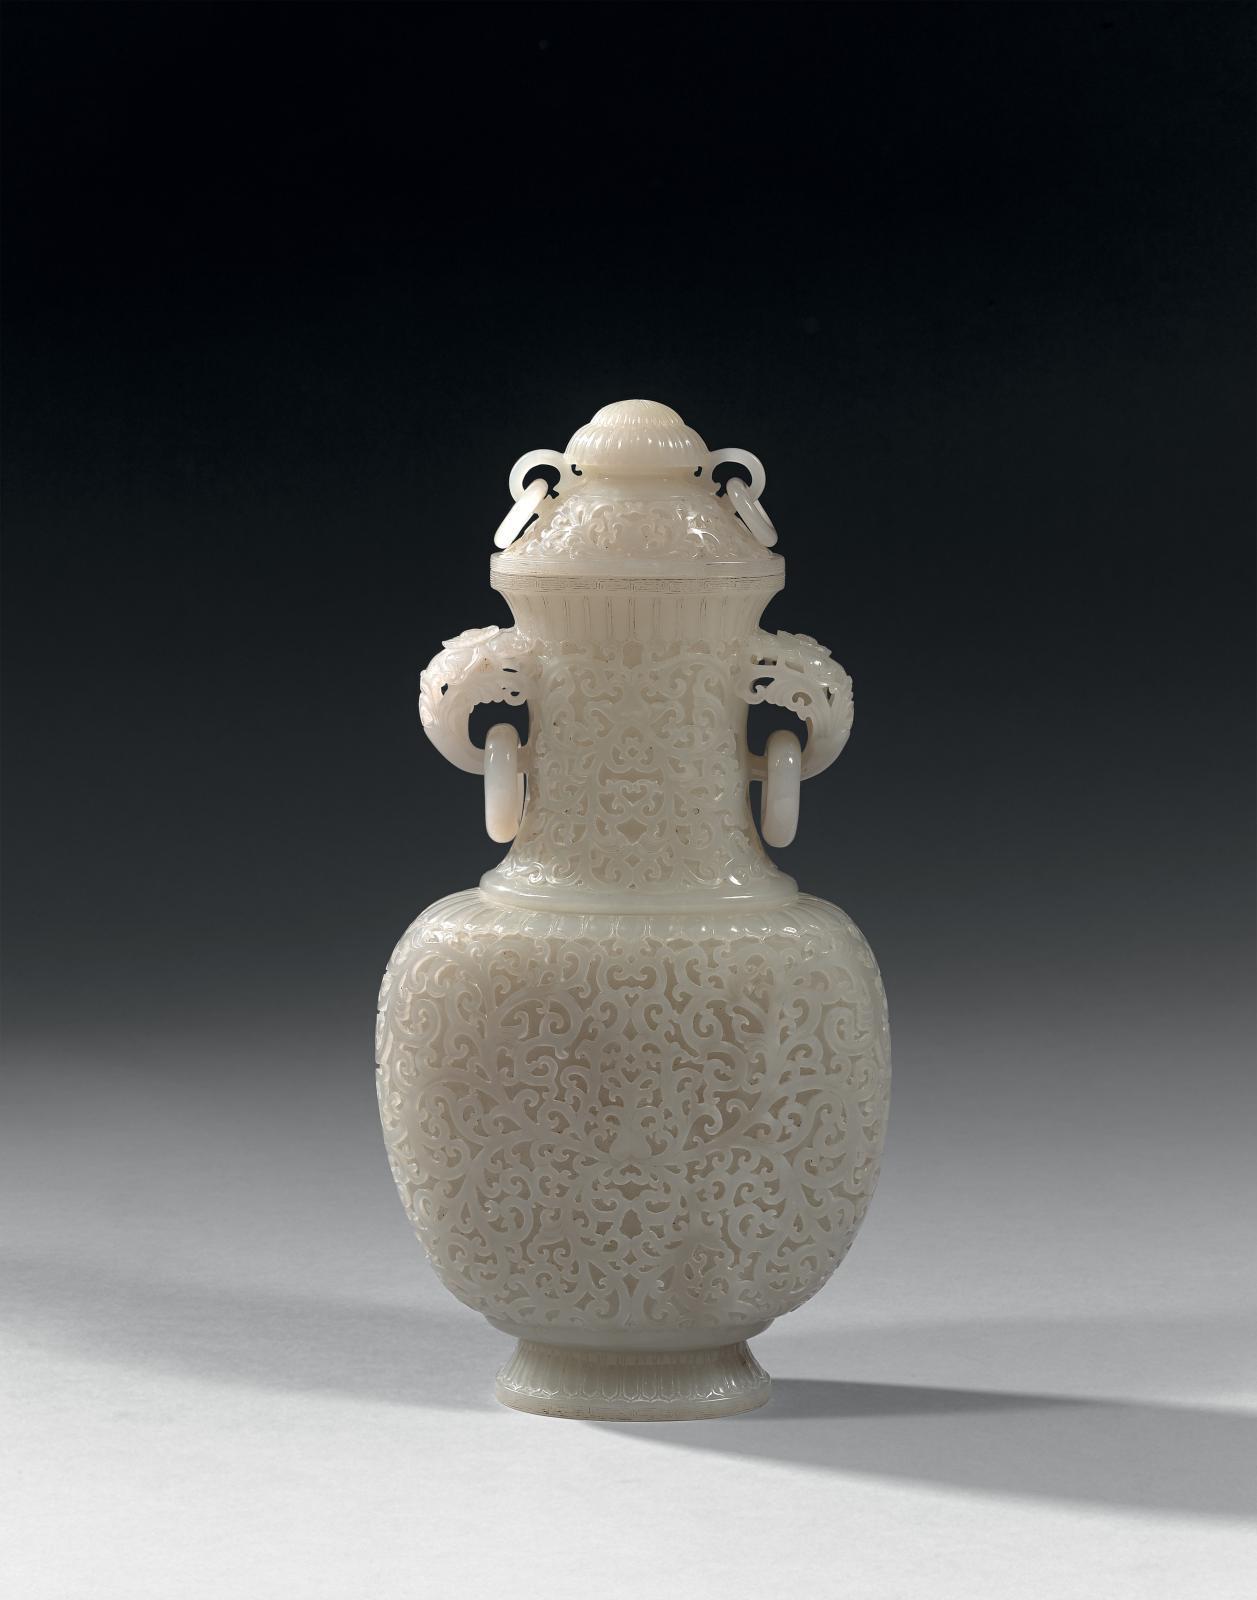 Chine, première moitié du XXesiècle. Vase couvert en jade blanc de forme balustre à panse aplatie, anses en forme de têtes d'éléphants, décor de fleu